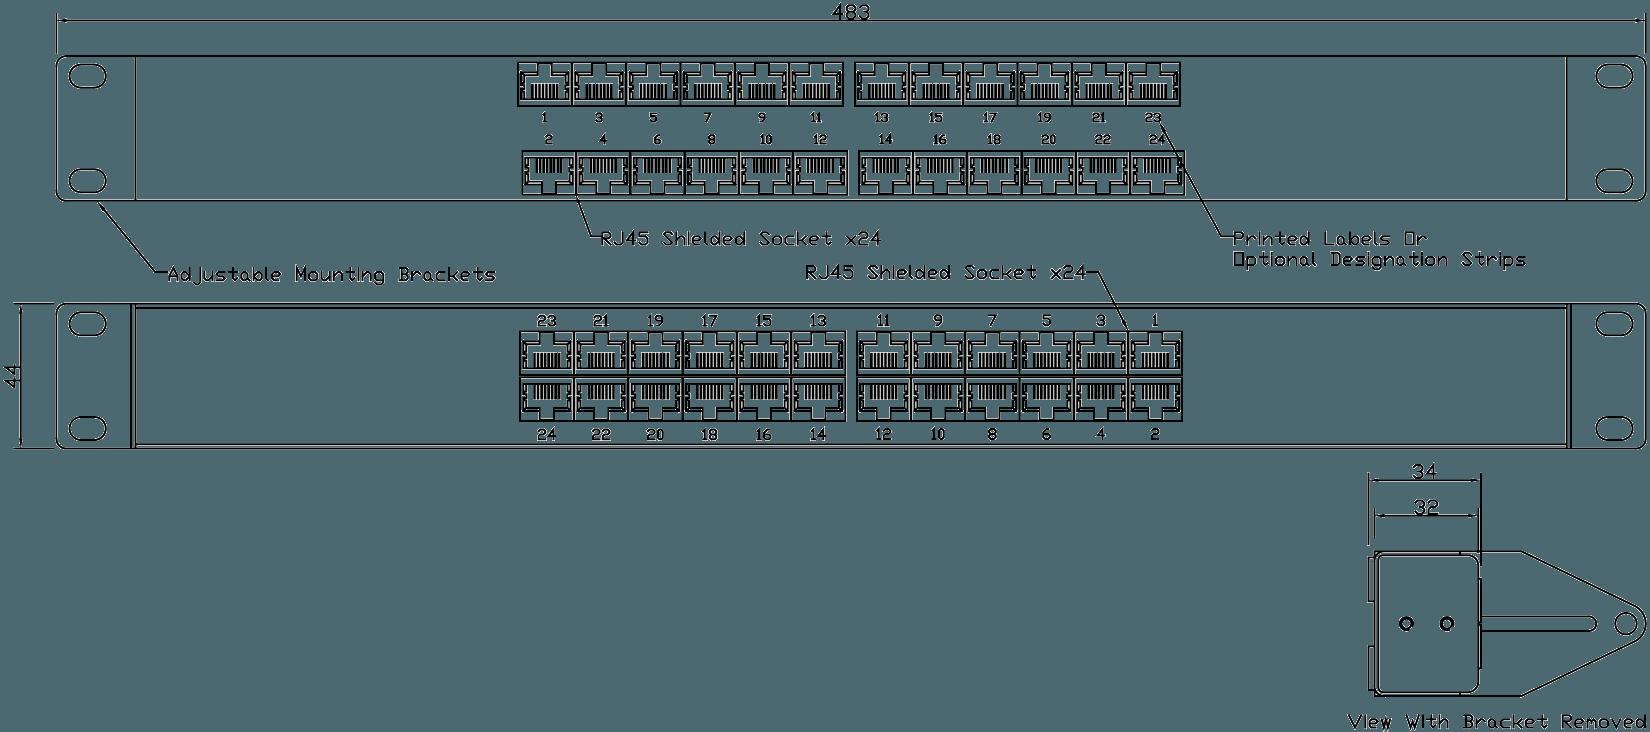 PA05E0524 Line Drawing